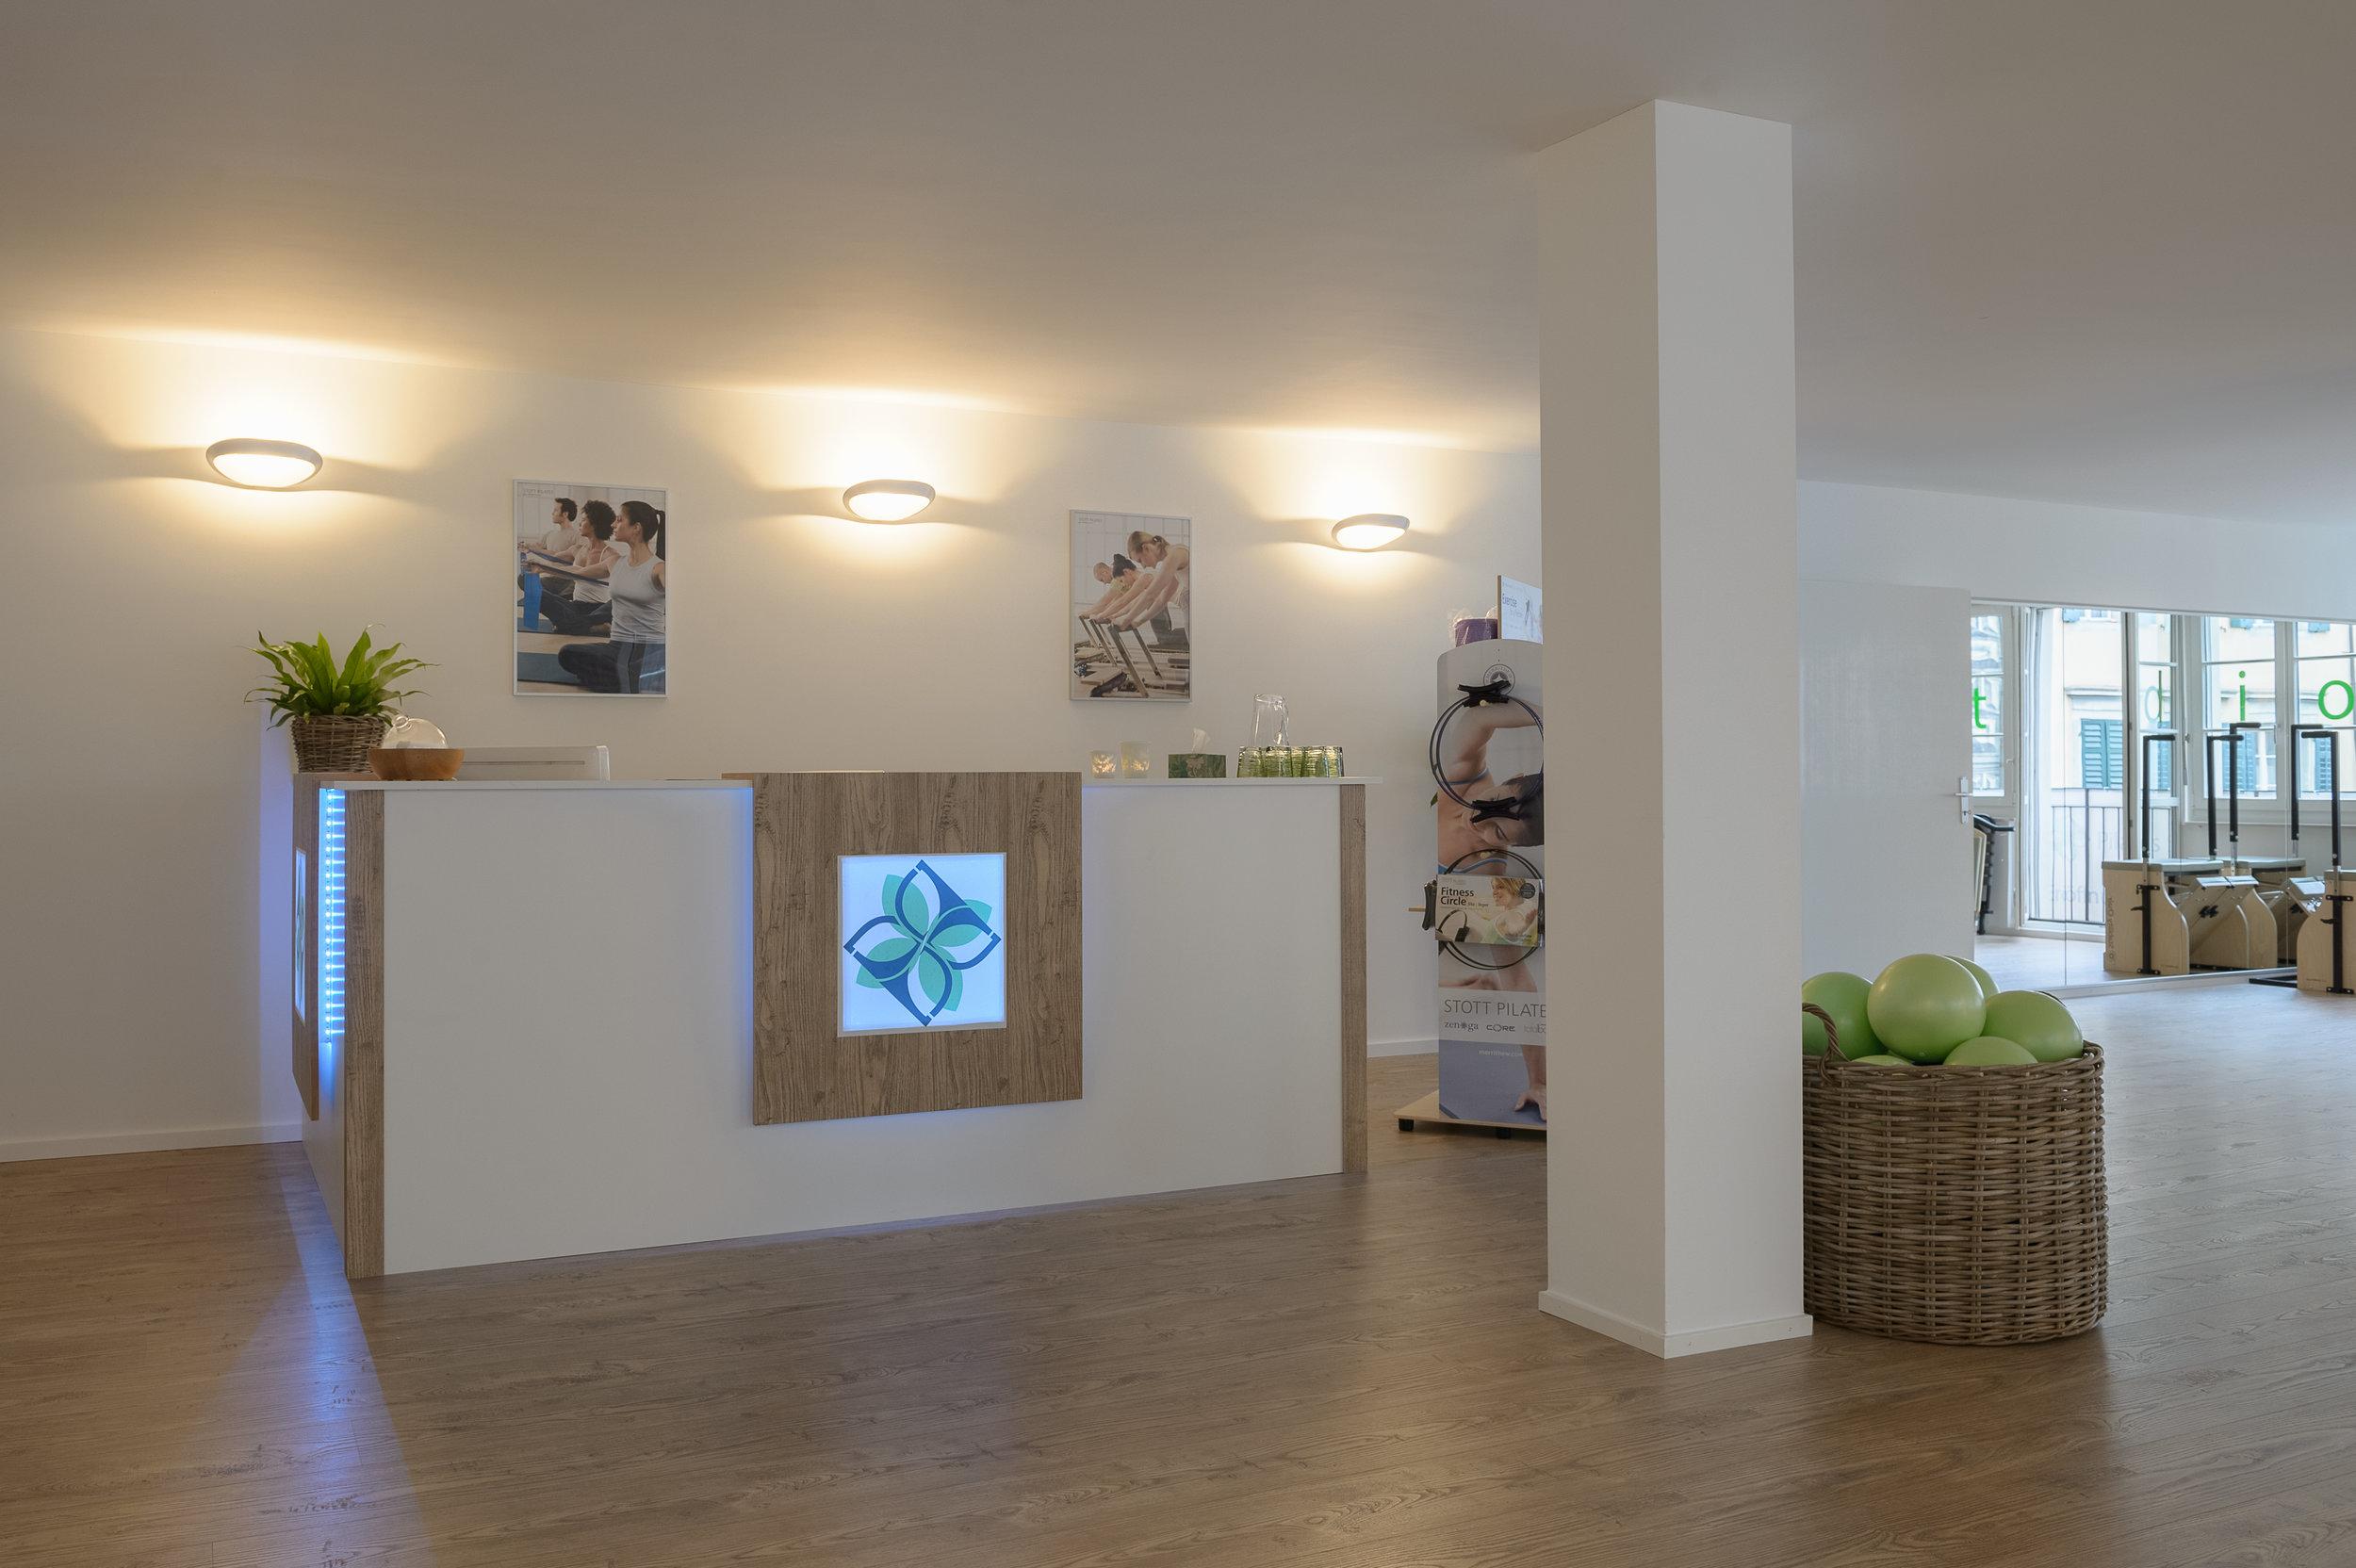 122__S042482-HDR_Pilates Studio Luzern_Neueröffnung_gross.jpg